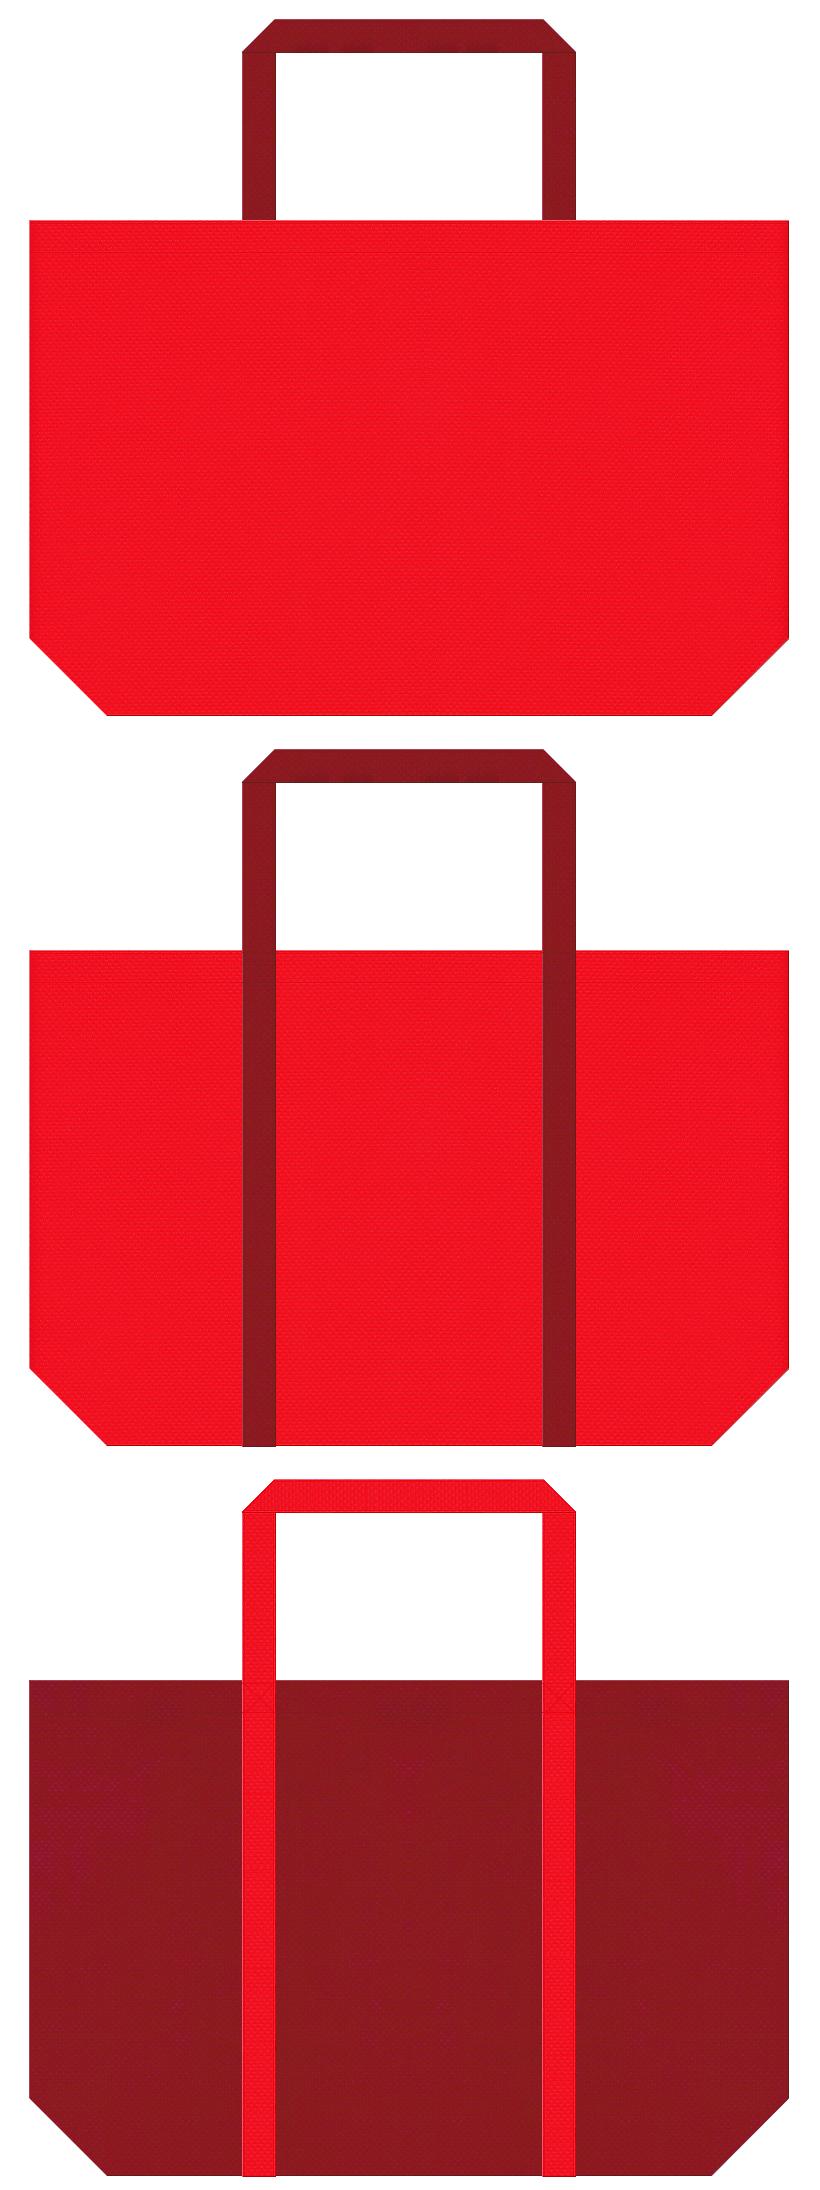 鎧兜・端午の節句・赤備え・お城イベント・紅葉・観光・暖炉・ストーブ・クリスマスセール・お正月・福袋にお奨めの不織布バッグデザイン:赤色とエンジ色のコーデ